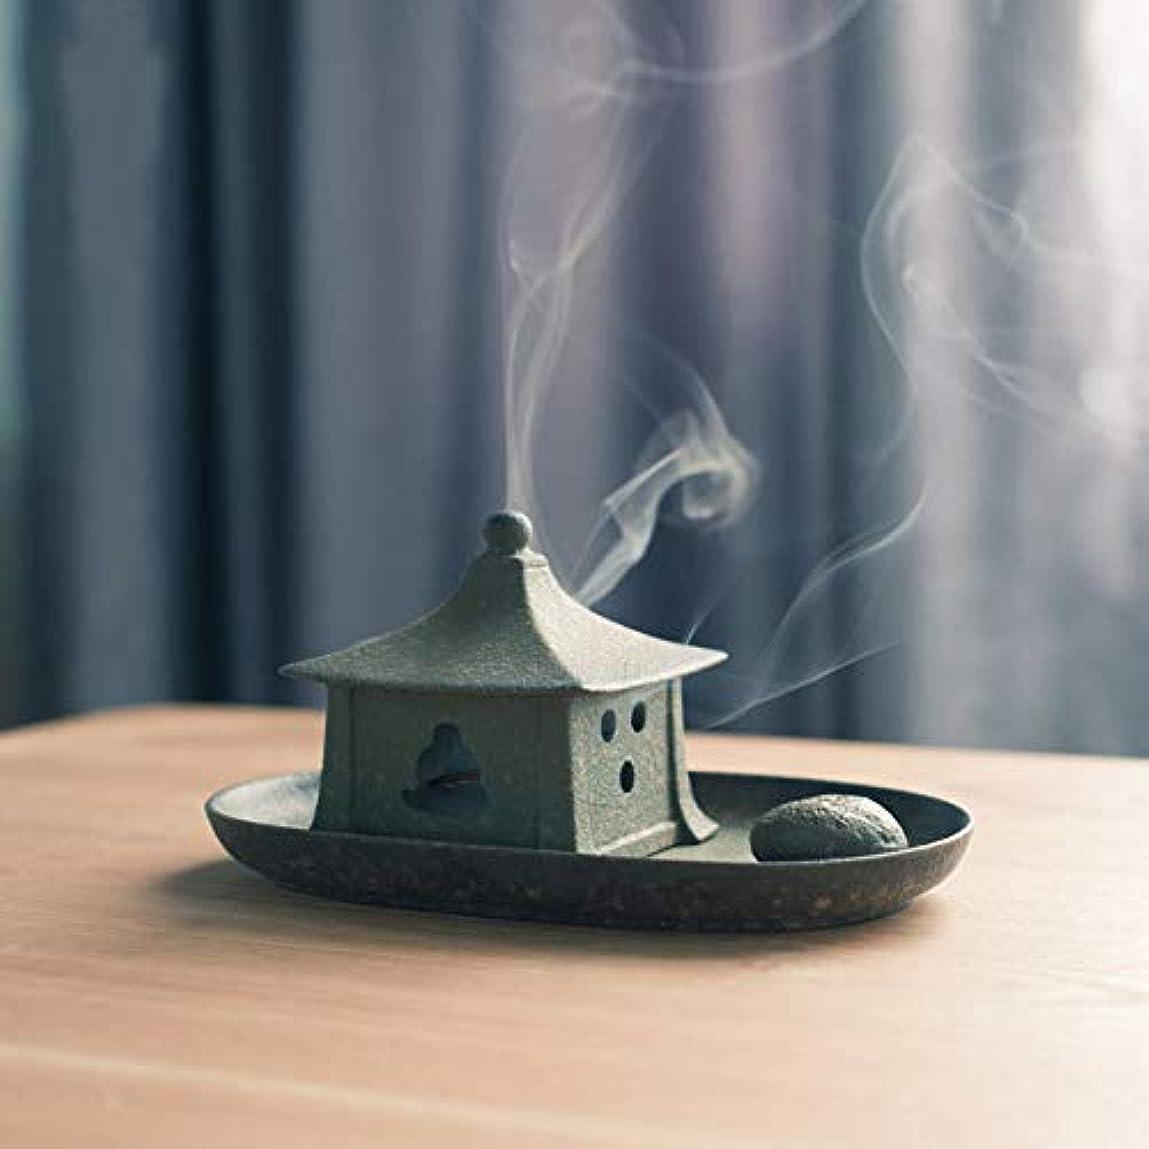 可決ドキドキソファーPHILOGOD 陶器香炉 クリエイティブスタイリング 渦巻き線香立て 仏壇用 香置物 香皿